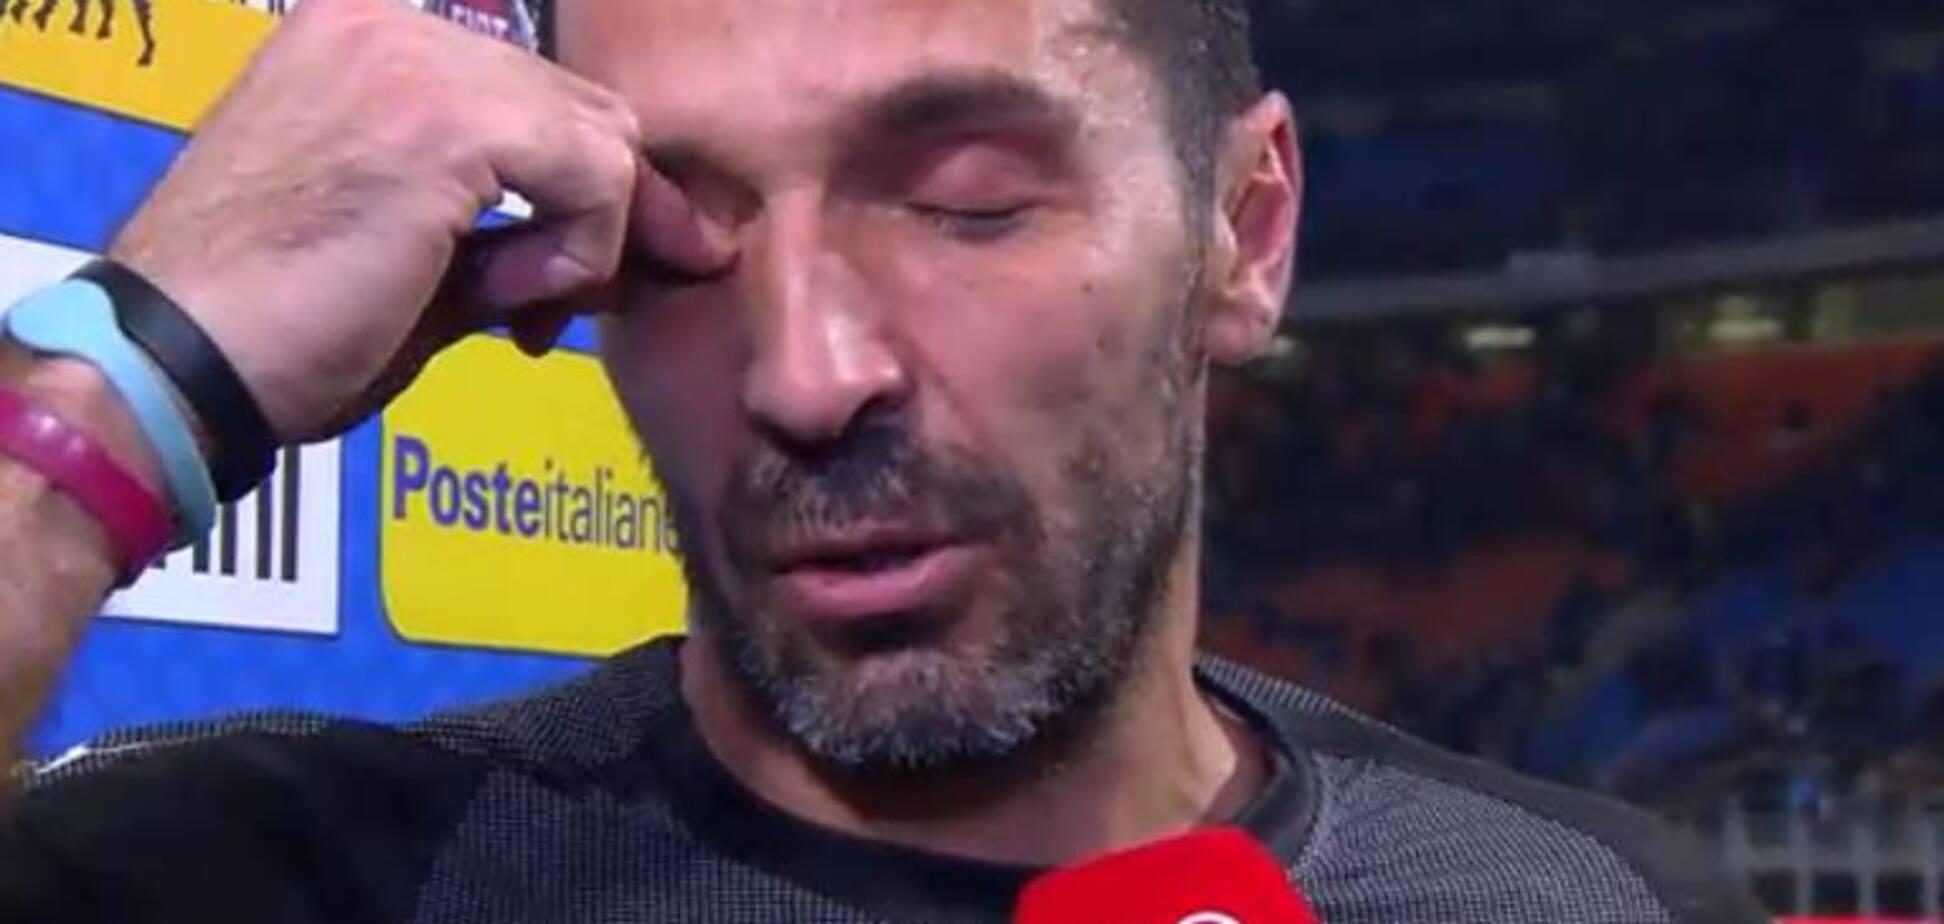 Легенда збірної Італії розридався, оголосивши про завершення кар'єри: опубліковані зворушливі фото